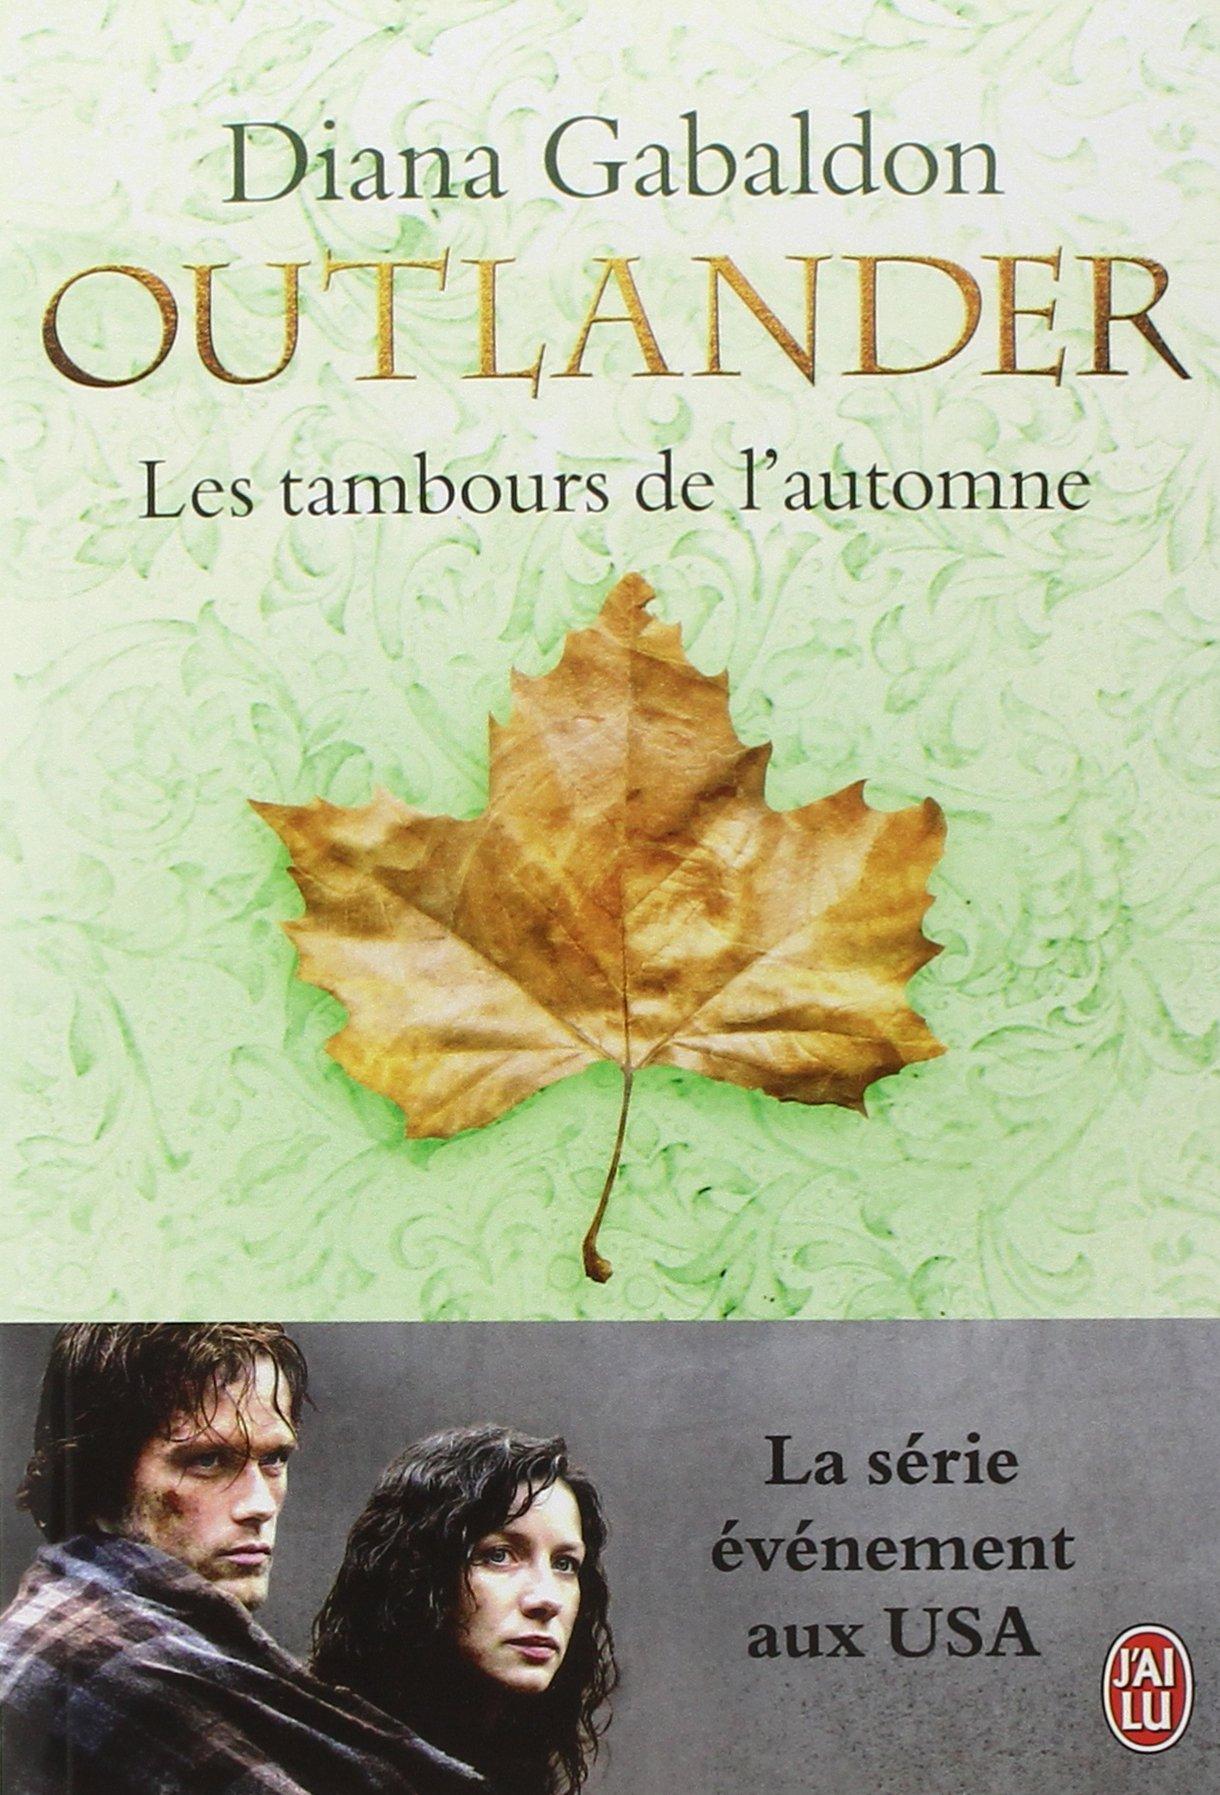 La série ''Le chardon et le tartan'' / Outlander de Diana Gabaldon : Ordre de lecture - Page 3 81dtjtBXMSL